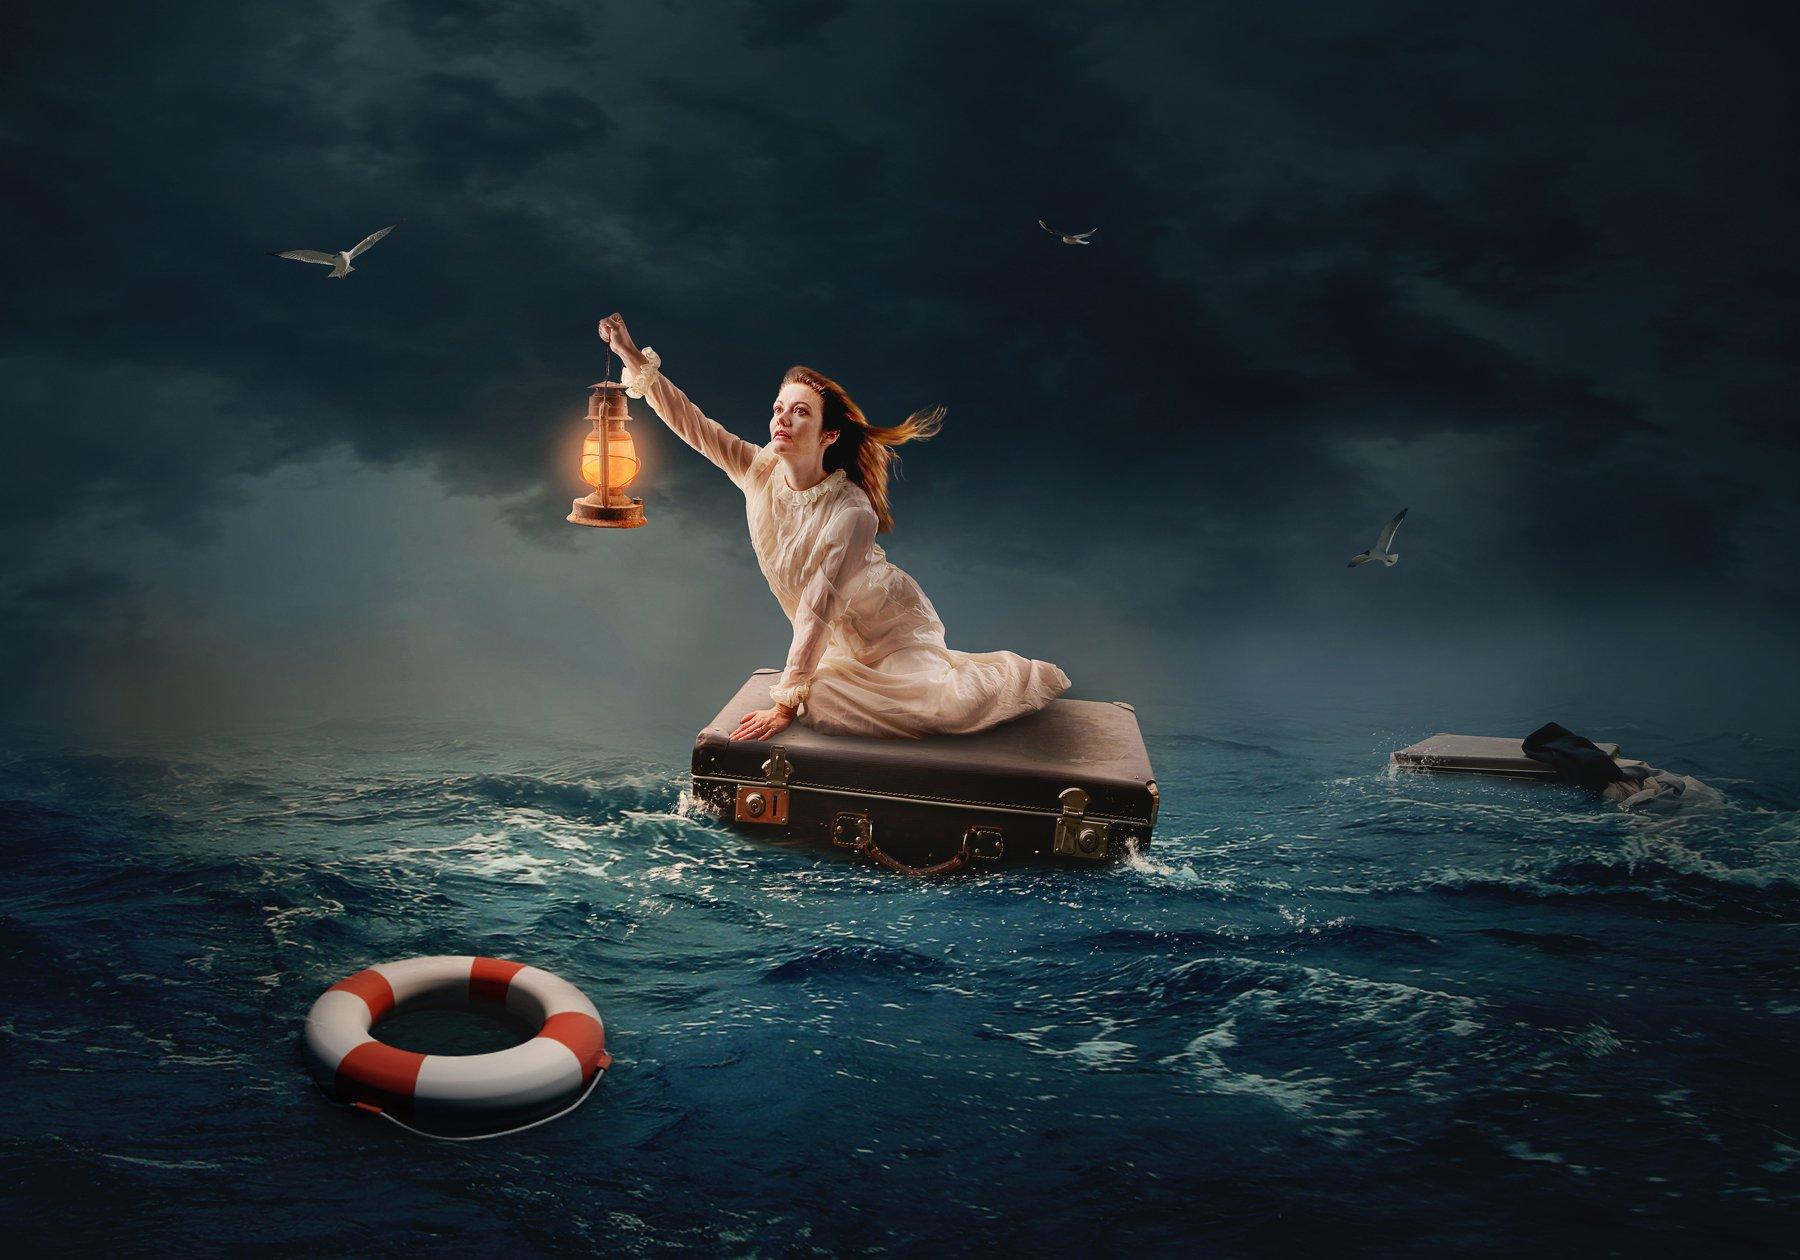 девушка, фонарь, океан, чемодан, Sergii Vidov